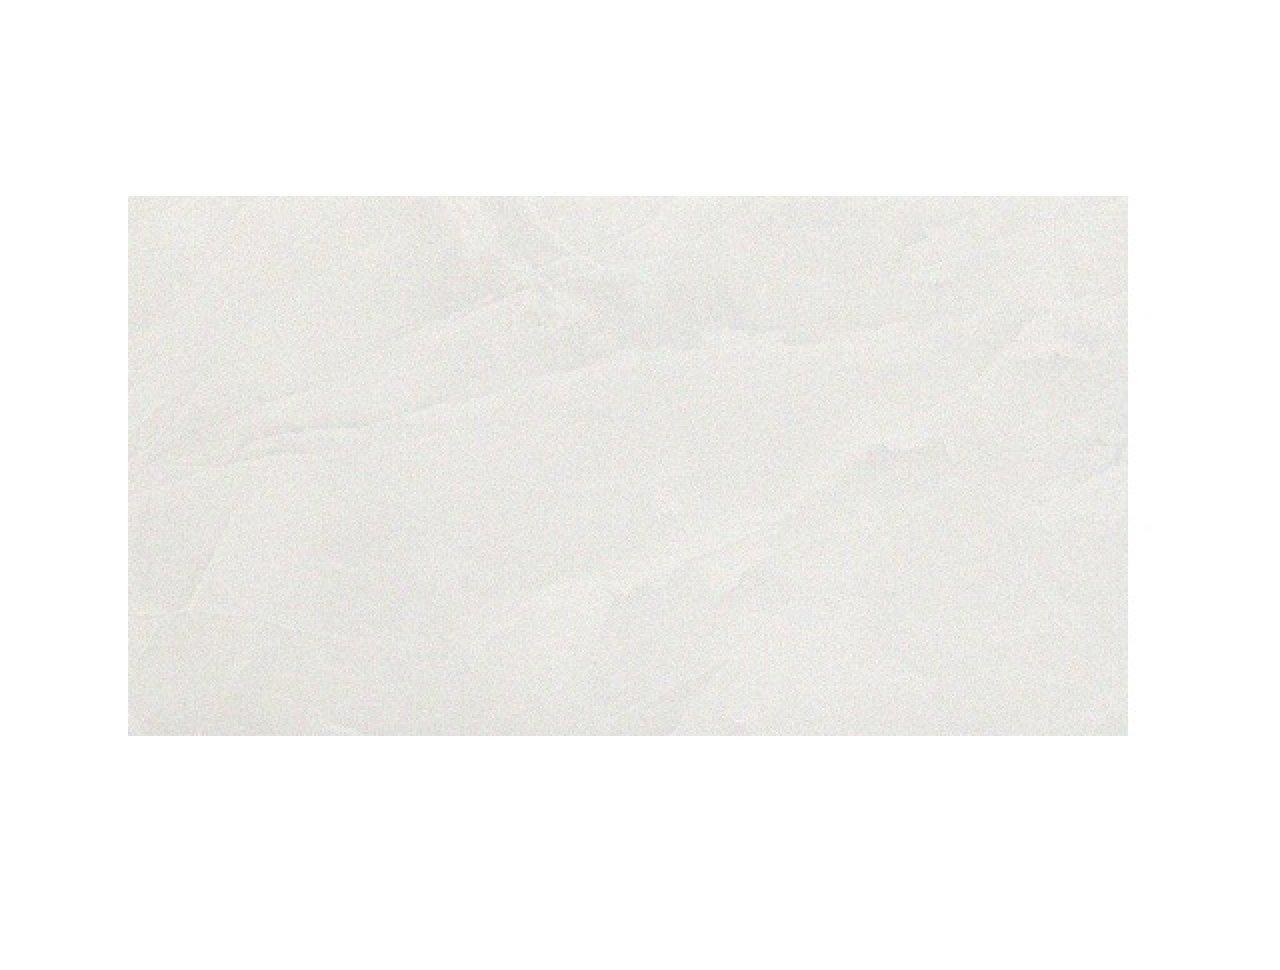 Настенная плитка Marvel Moon Onyx 30.5x56